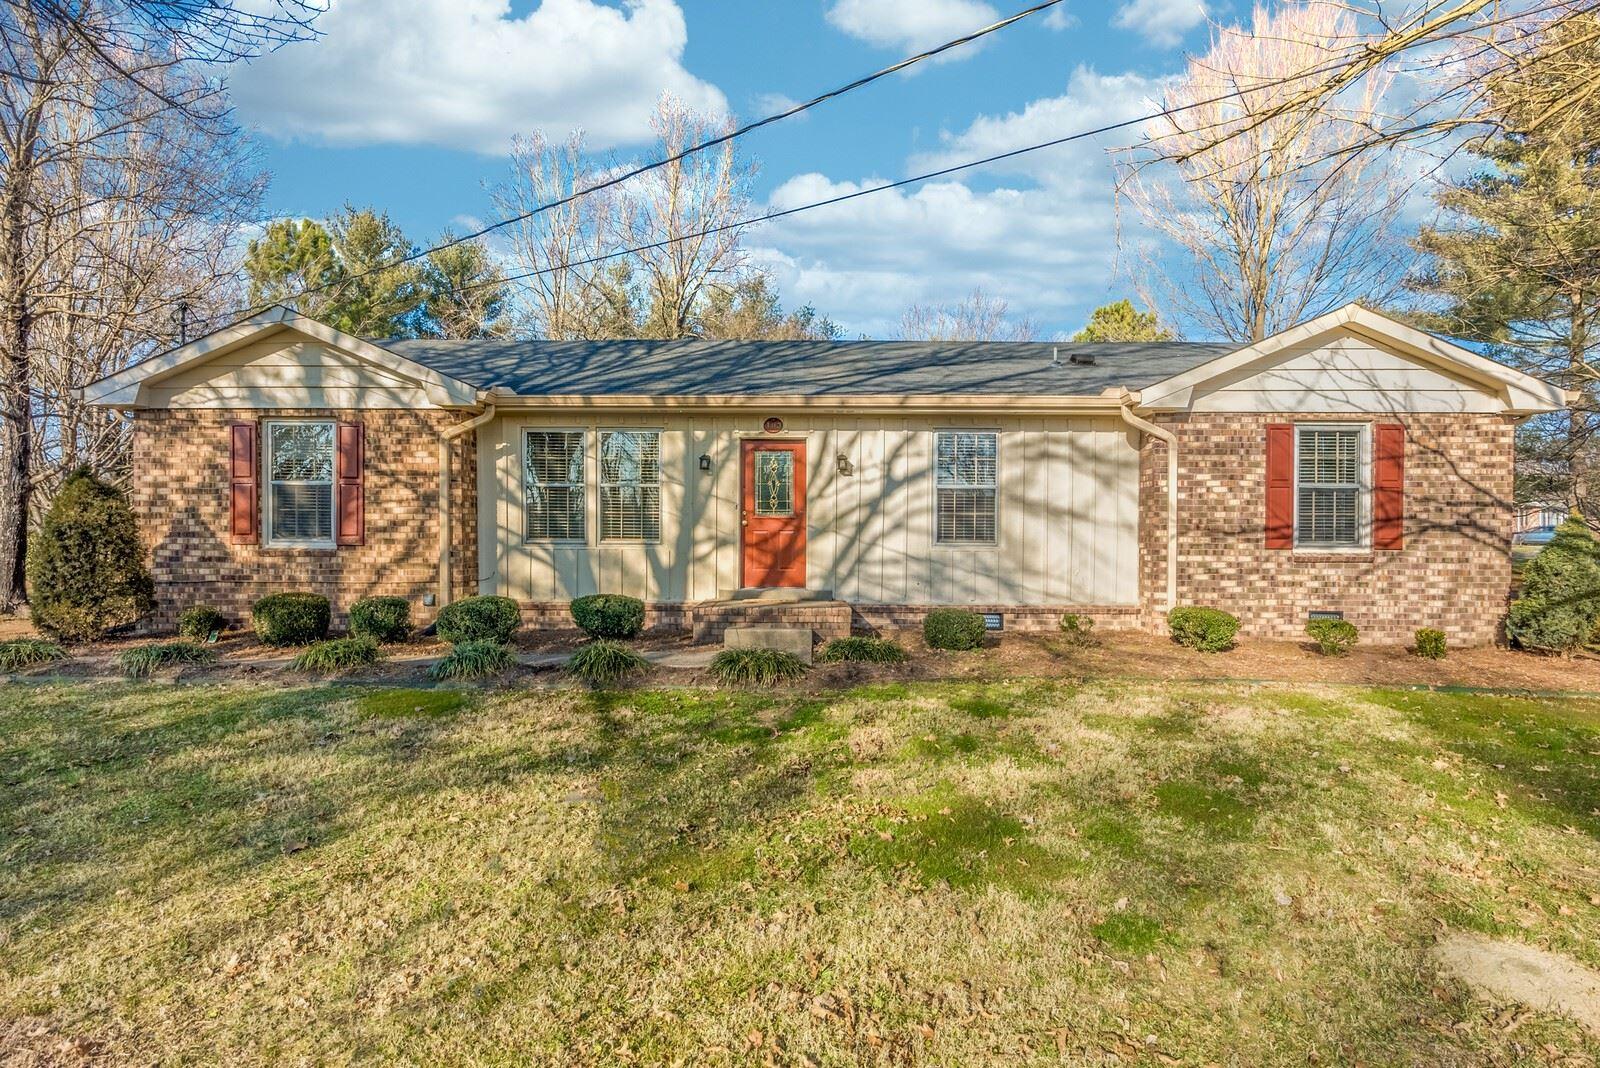 103 Creekwood Ln, Hendersonville, TN 37075 - MLS#: 2219869